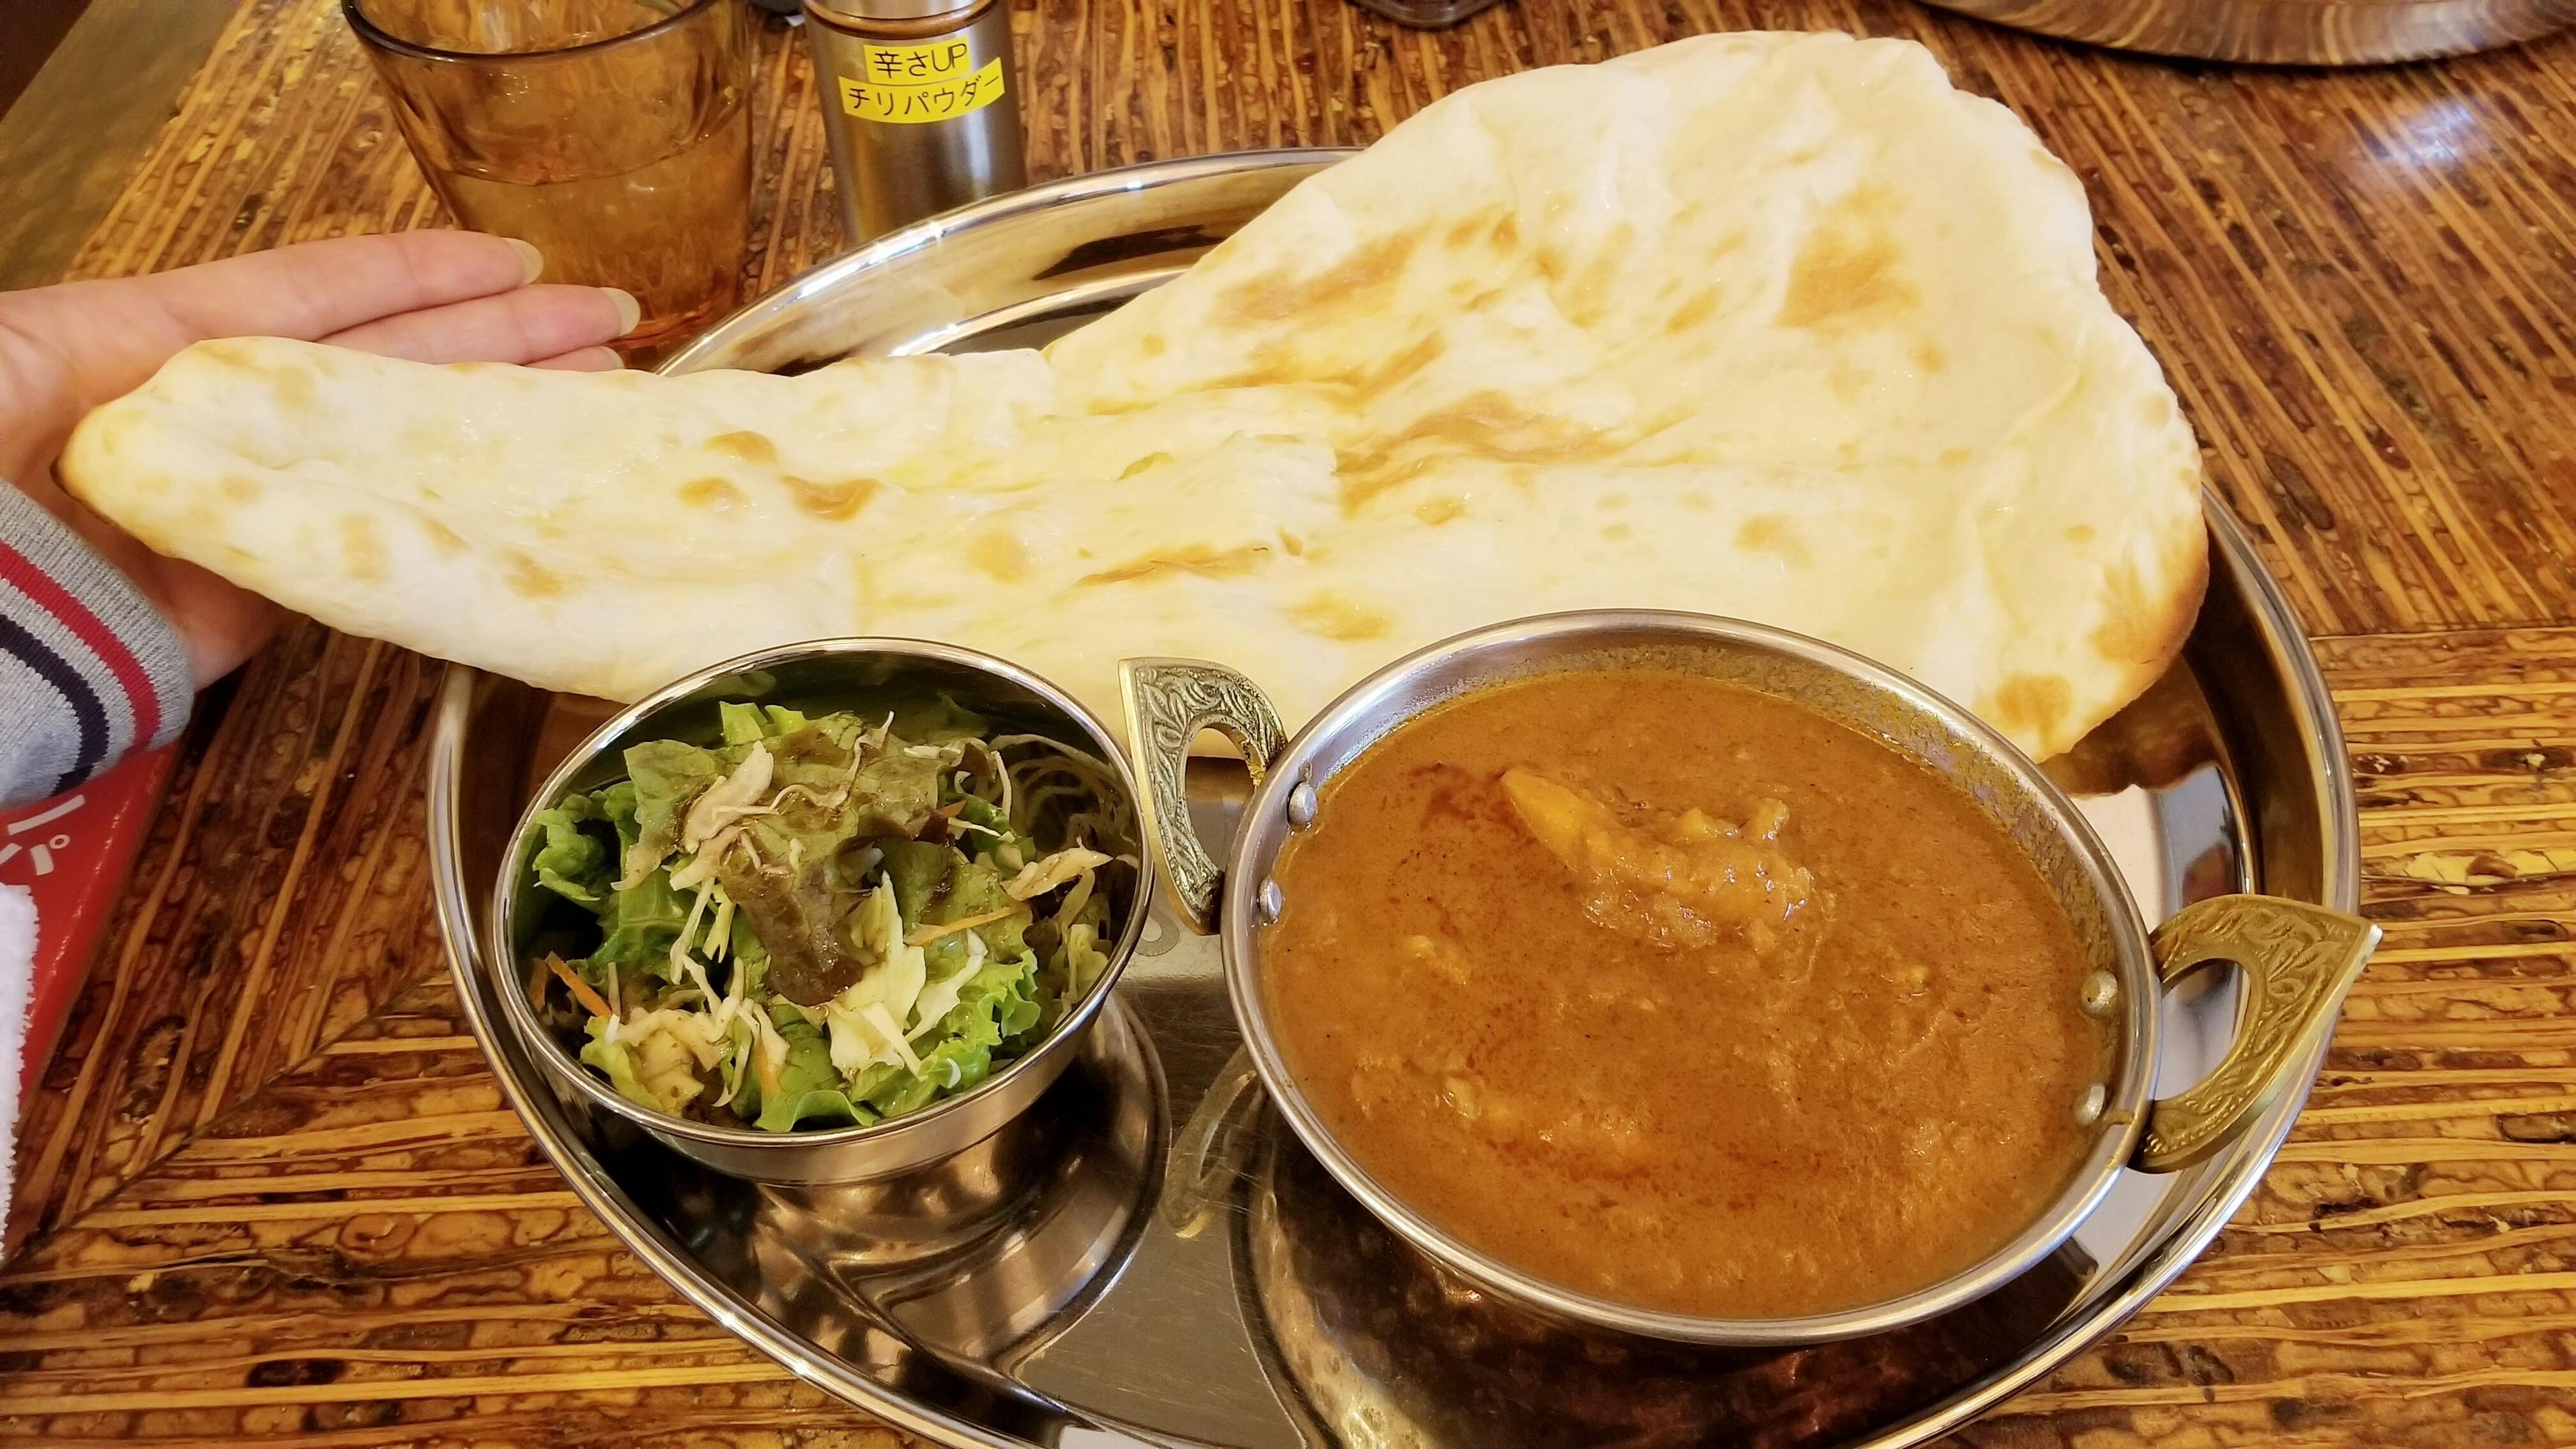 愛媛県ランチパスポート巡りブログ食べログインドカレー安いお得